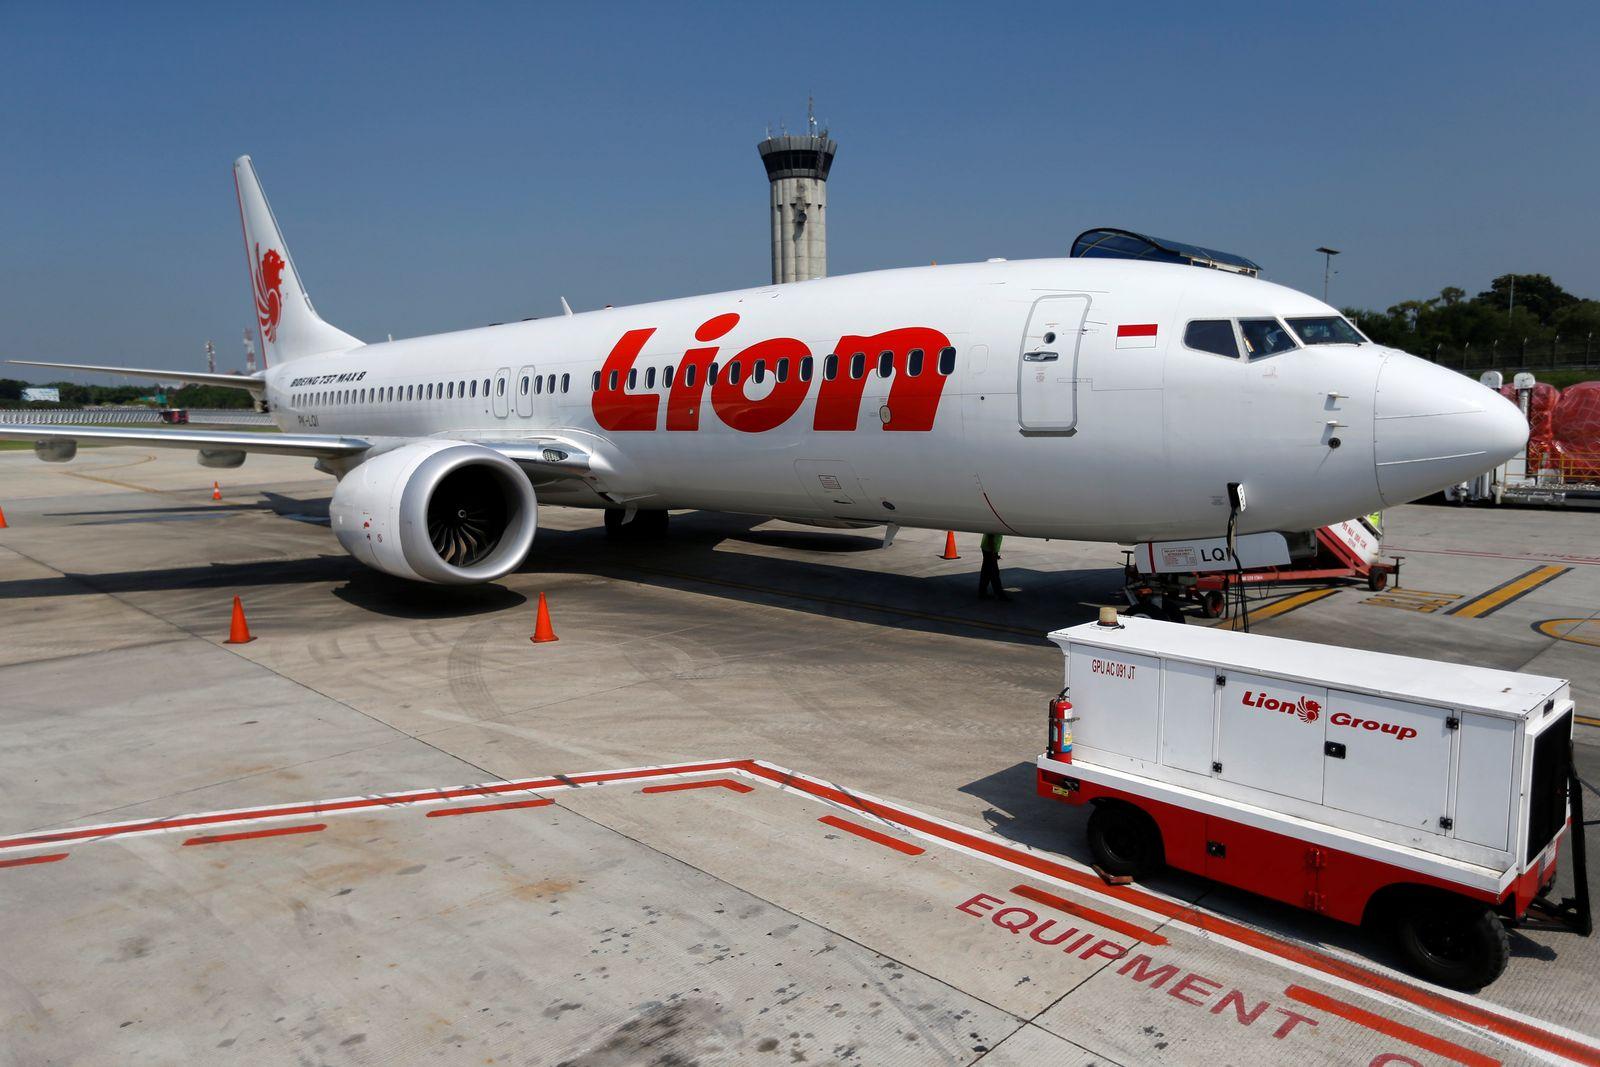 ETHIOPIA-AIRPLANE/AIRLINES-INDONESIA